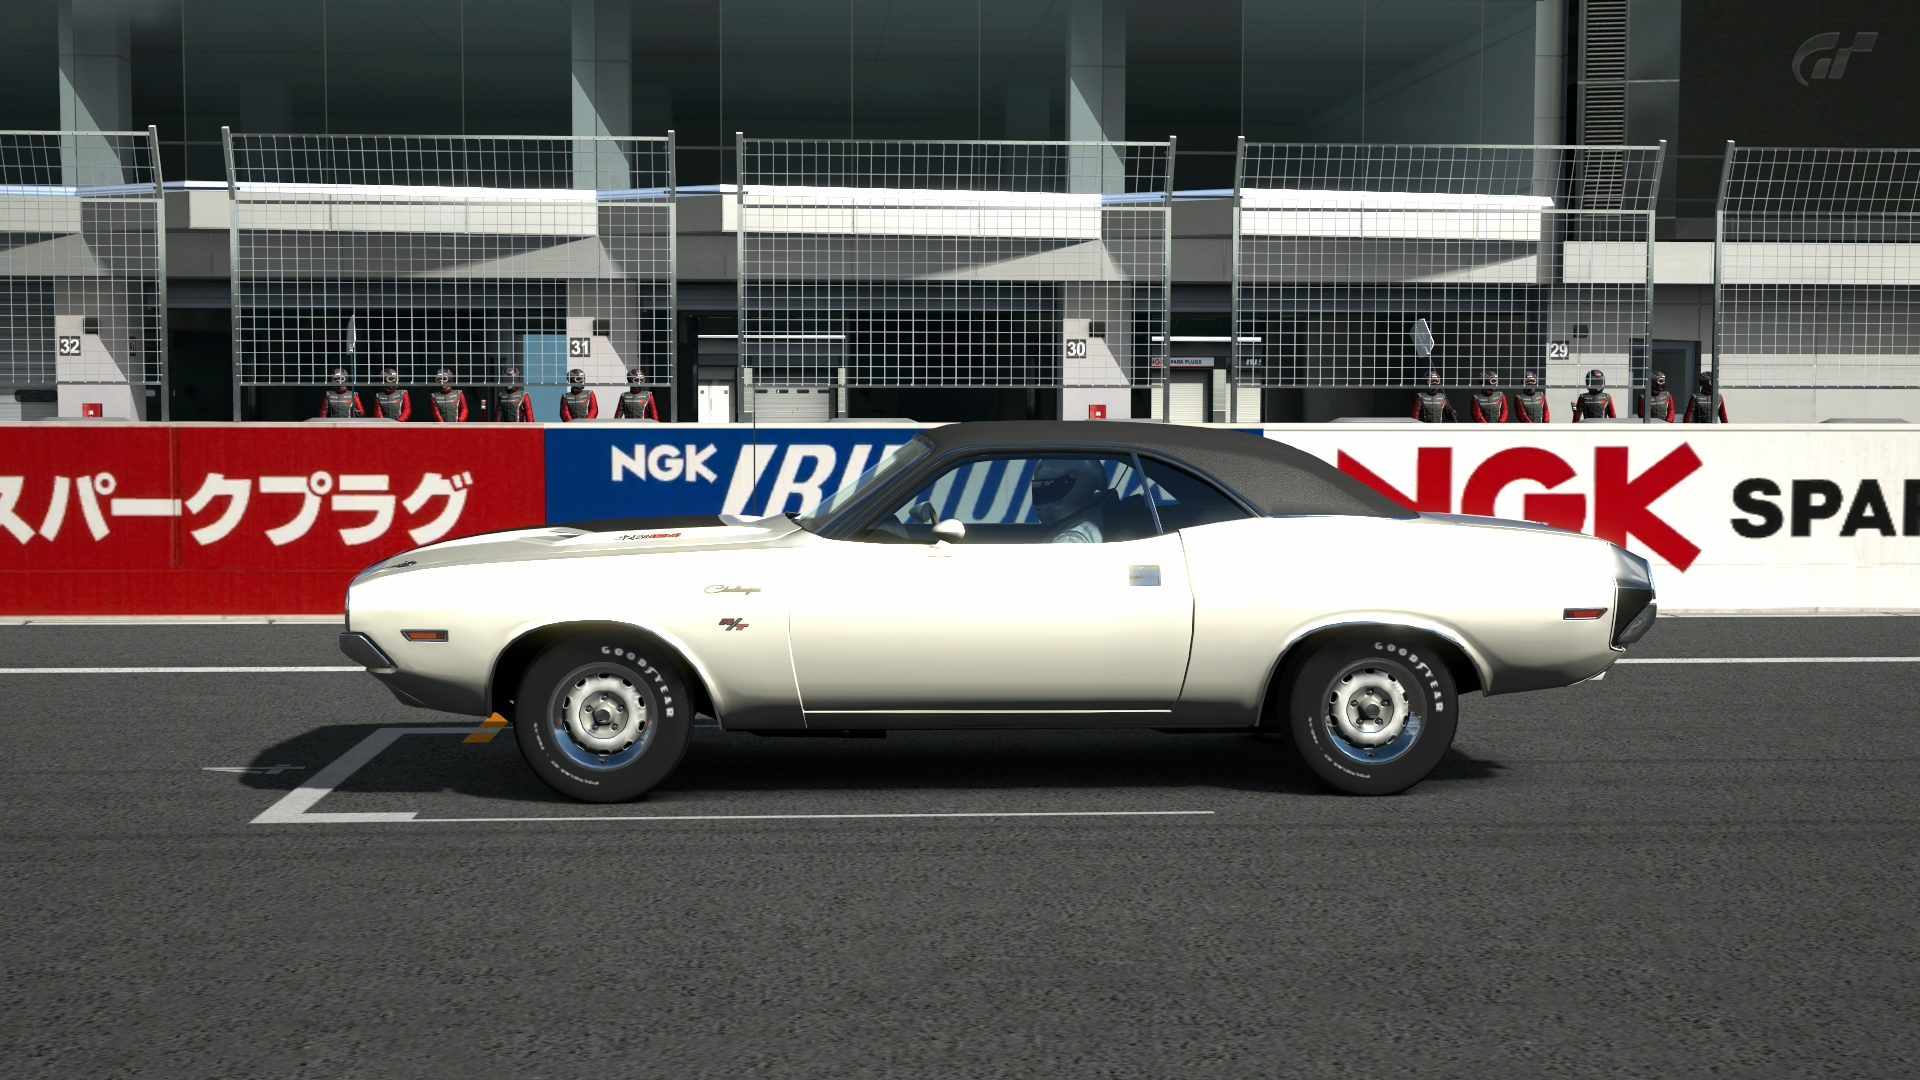 Fuji Speedway F_1 (2).jpg